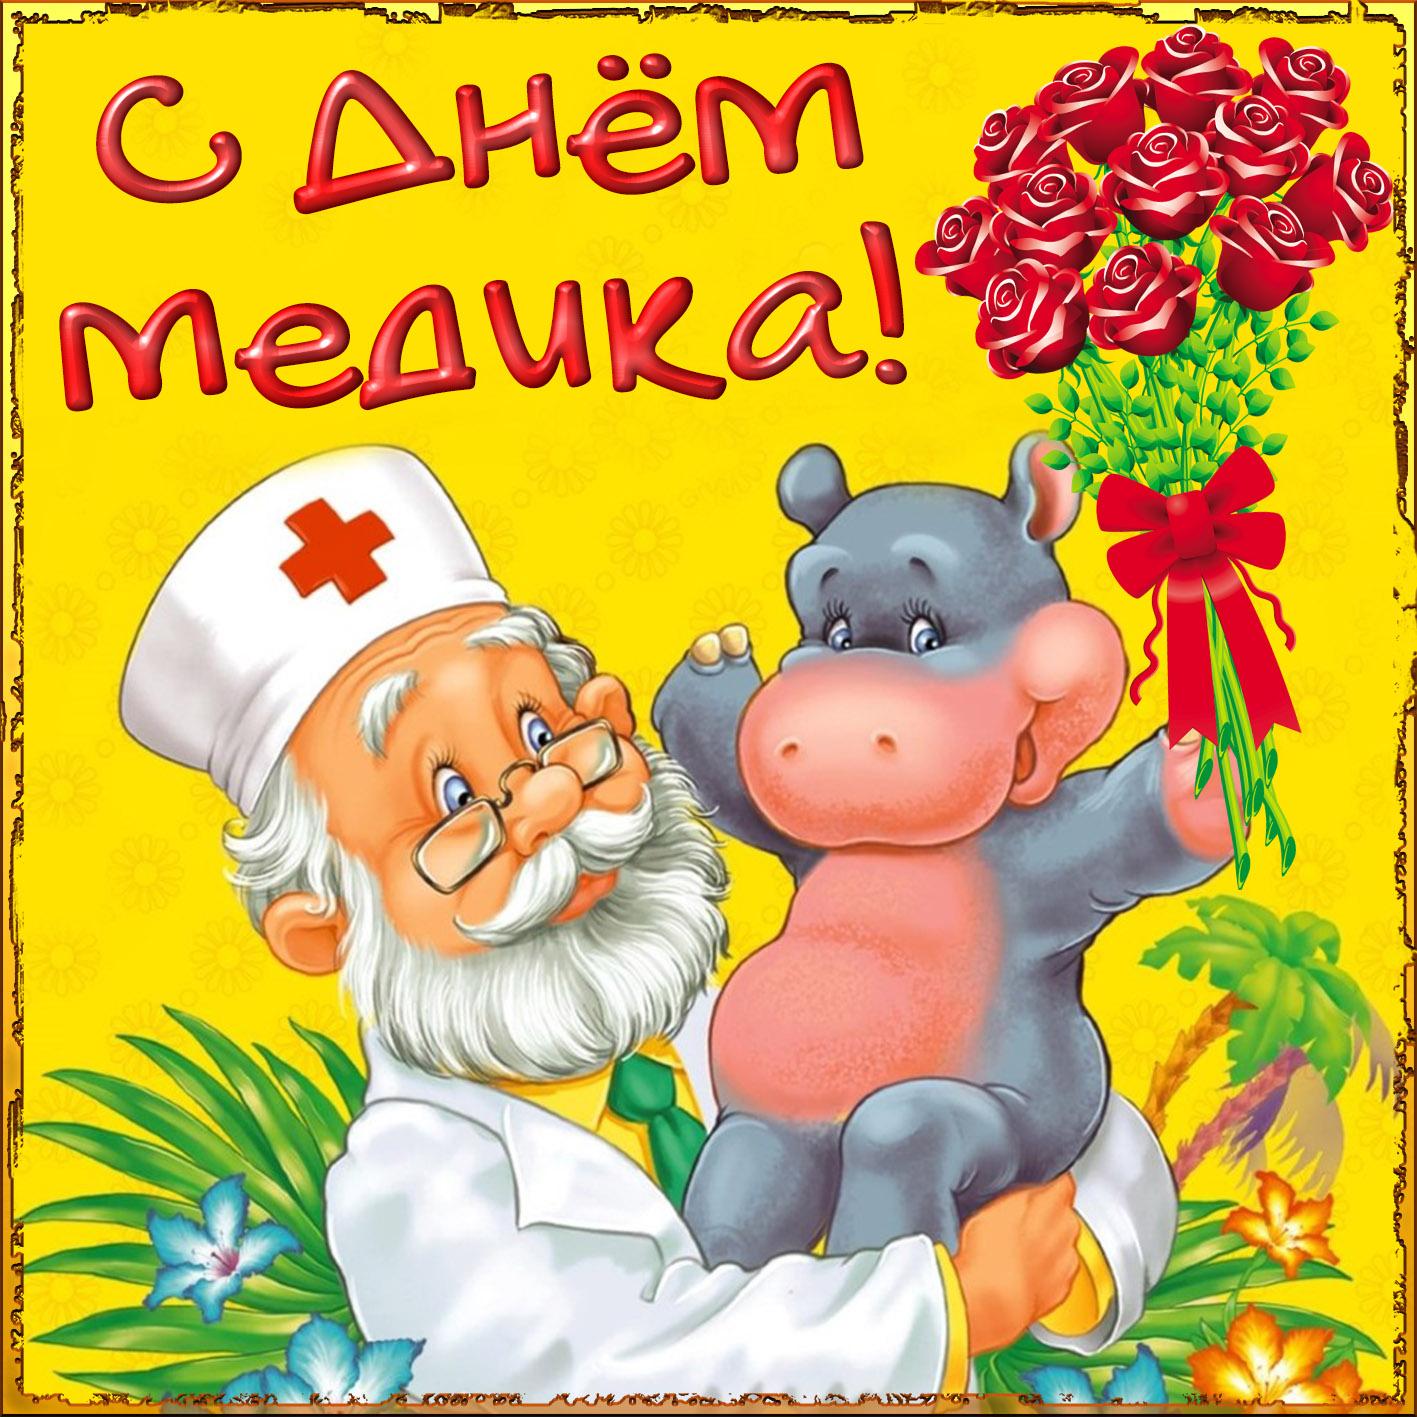 Цитатами, открытки день медика 2019 когда день медицинского работника в 2019 году